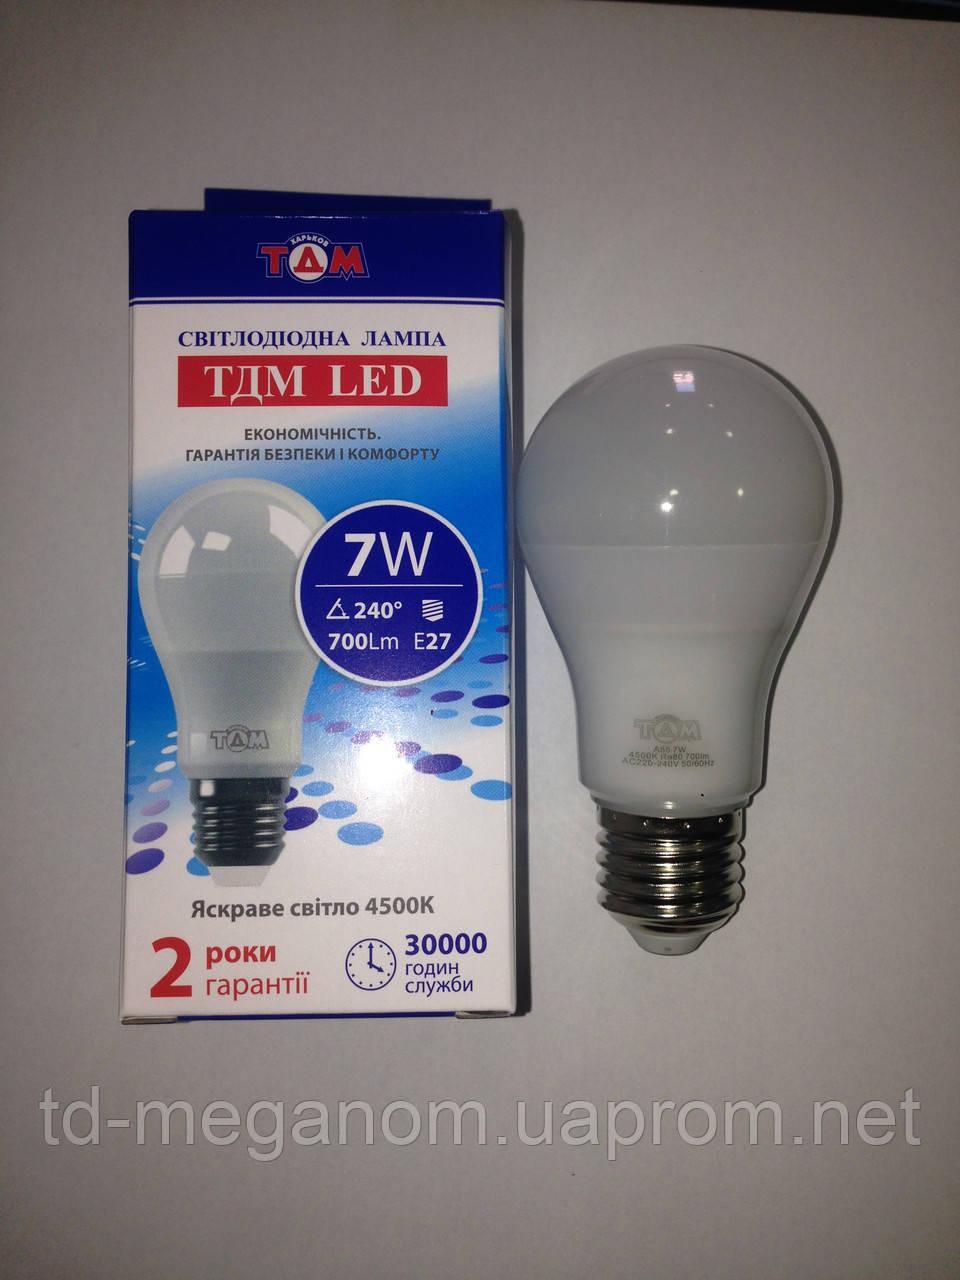 Світлодіодна LED лампа ТДМ A55 Е27 4500k 7w 220v